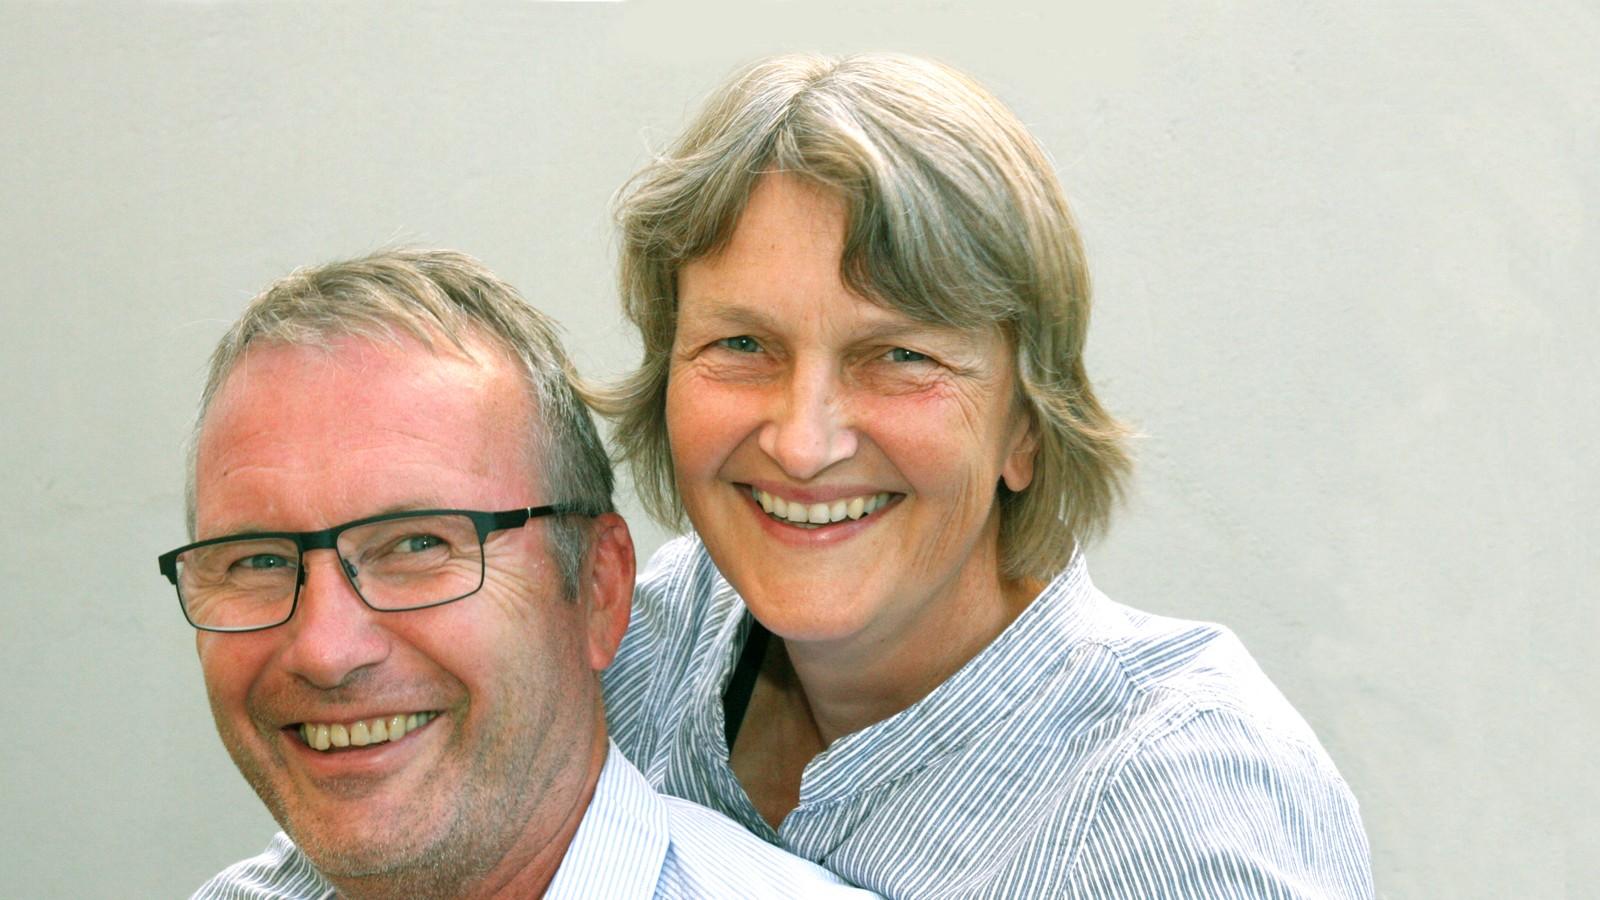 Margrete Nåvik og Ove Gundersen programledere i NRK P1s livssynsmagasin 'Mellom himmel og jord'.